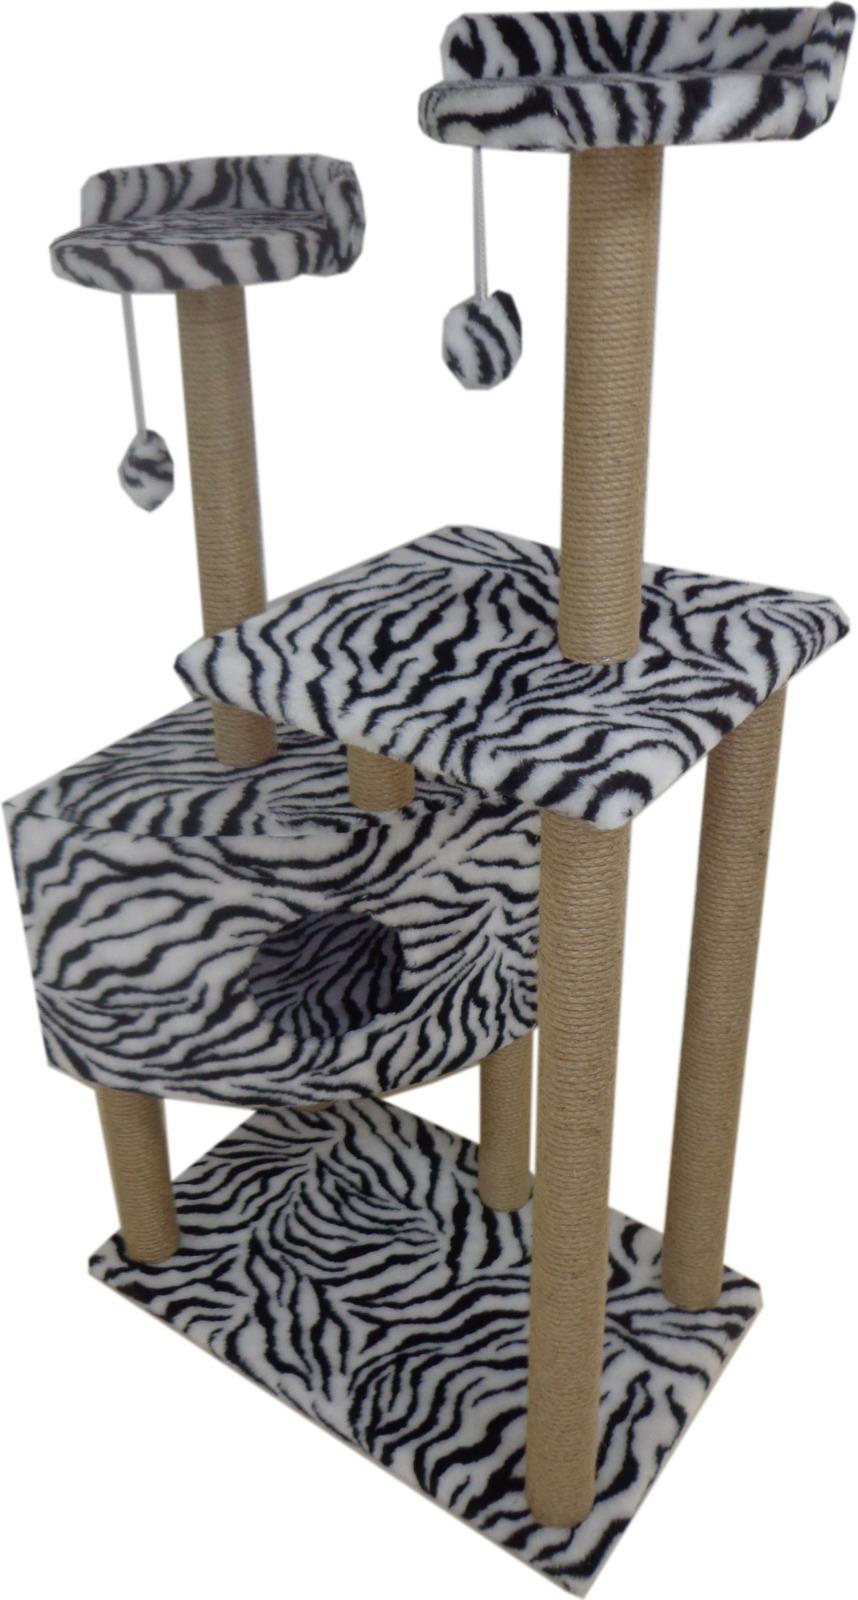 Домик-когтеточка Меридиан Угловой, Д 450 Зе, с игрушками, зебра, 65 x 41 x 131 см домик когтеточка меридиан угловой с игрушками цвет светло серый 65 х 41 х 131 см